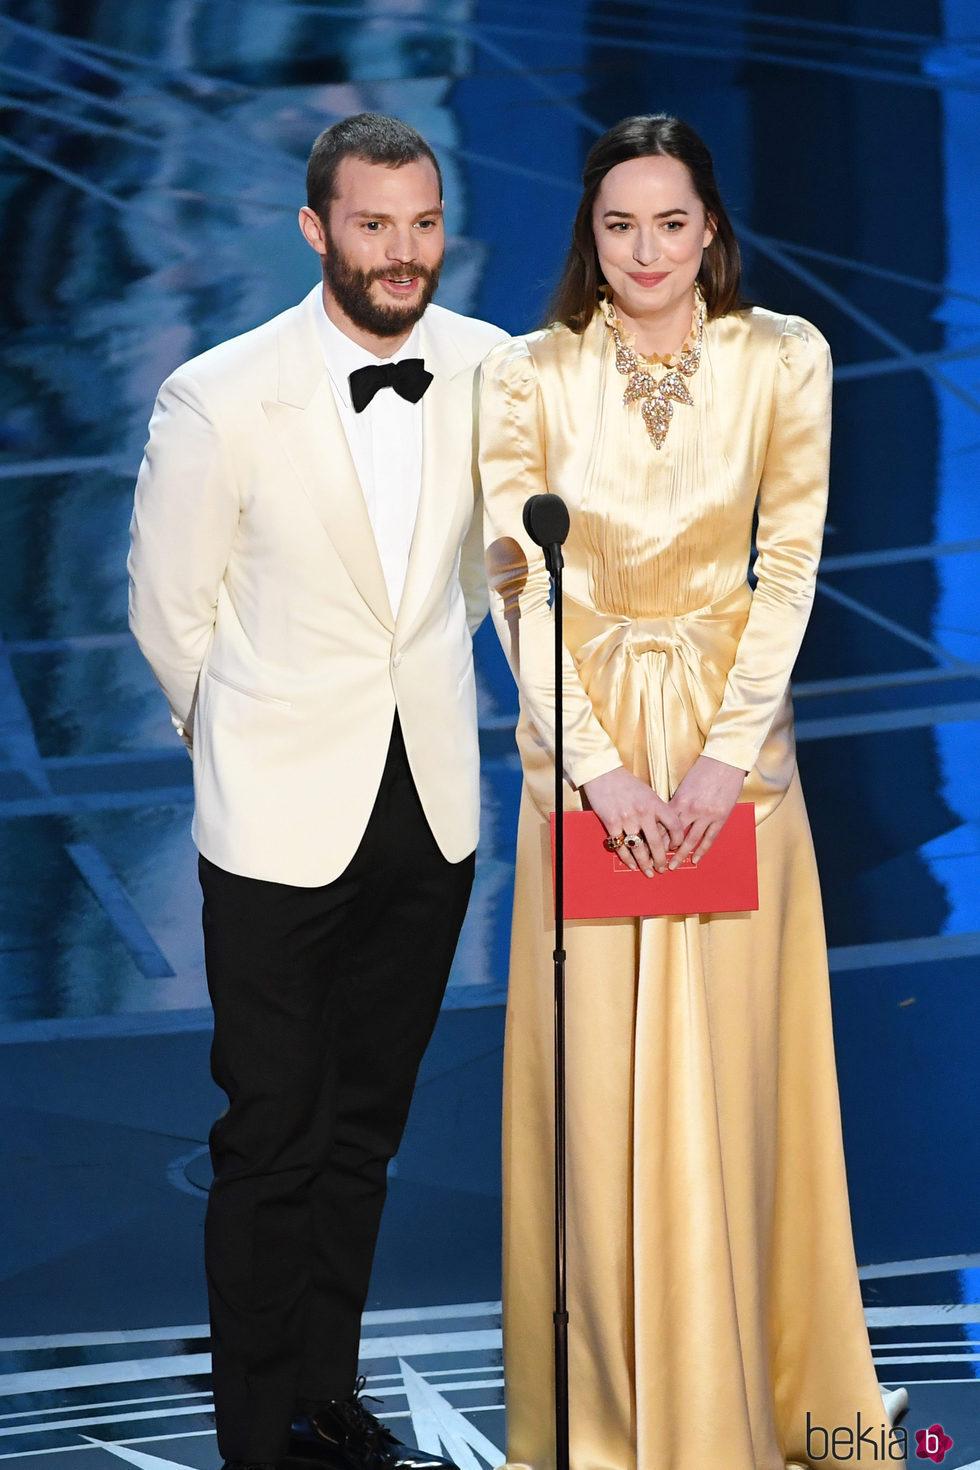 Dakota Johnson y Jamie Dornan dando uno de los premios de los Oscar 2017